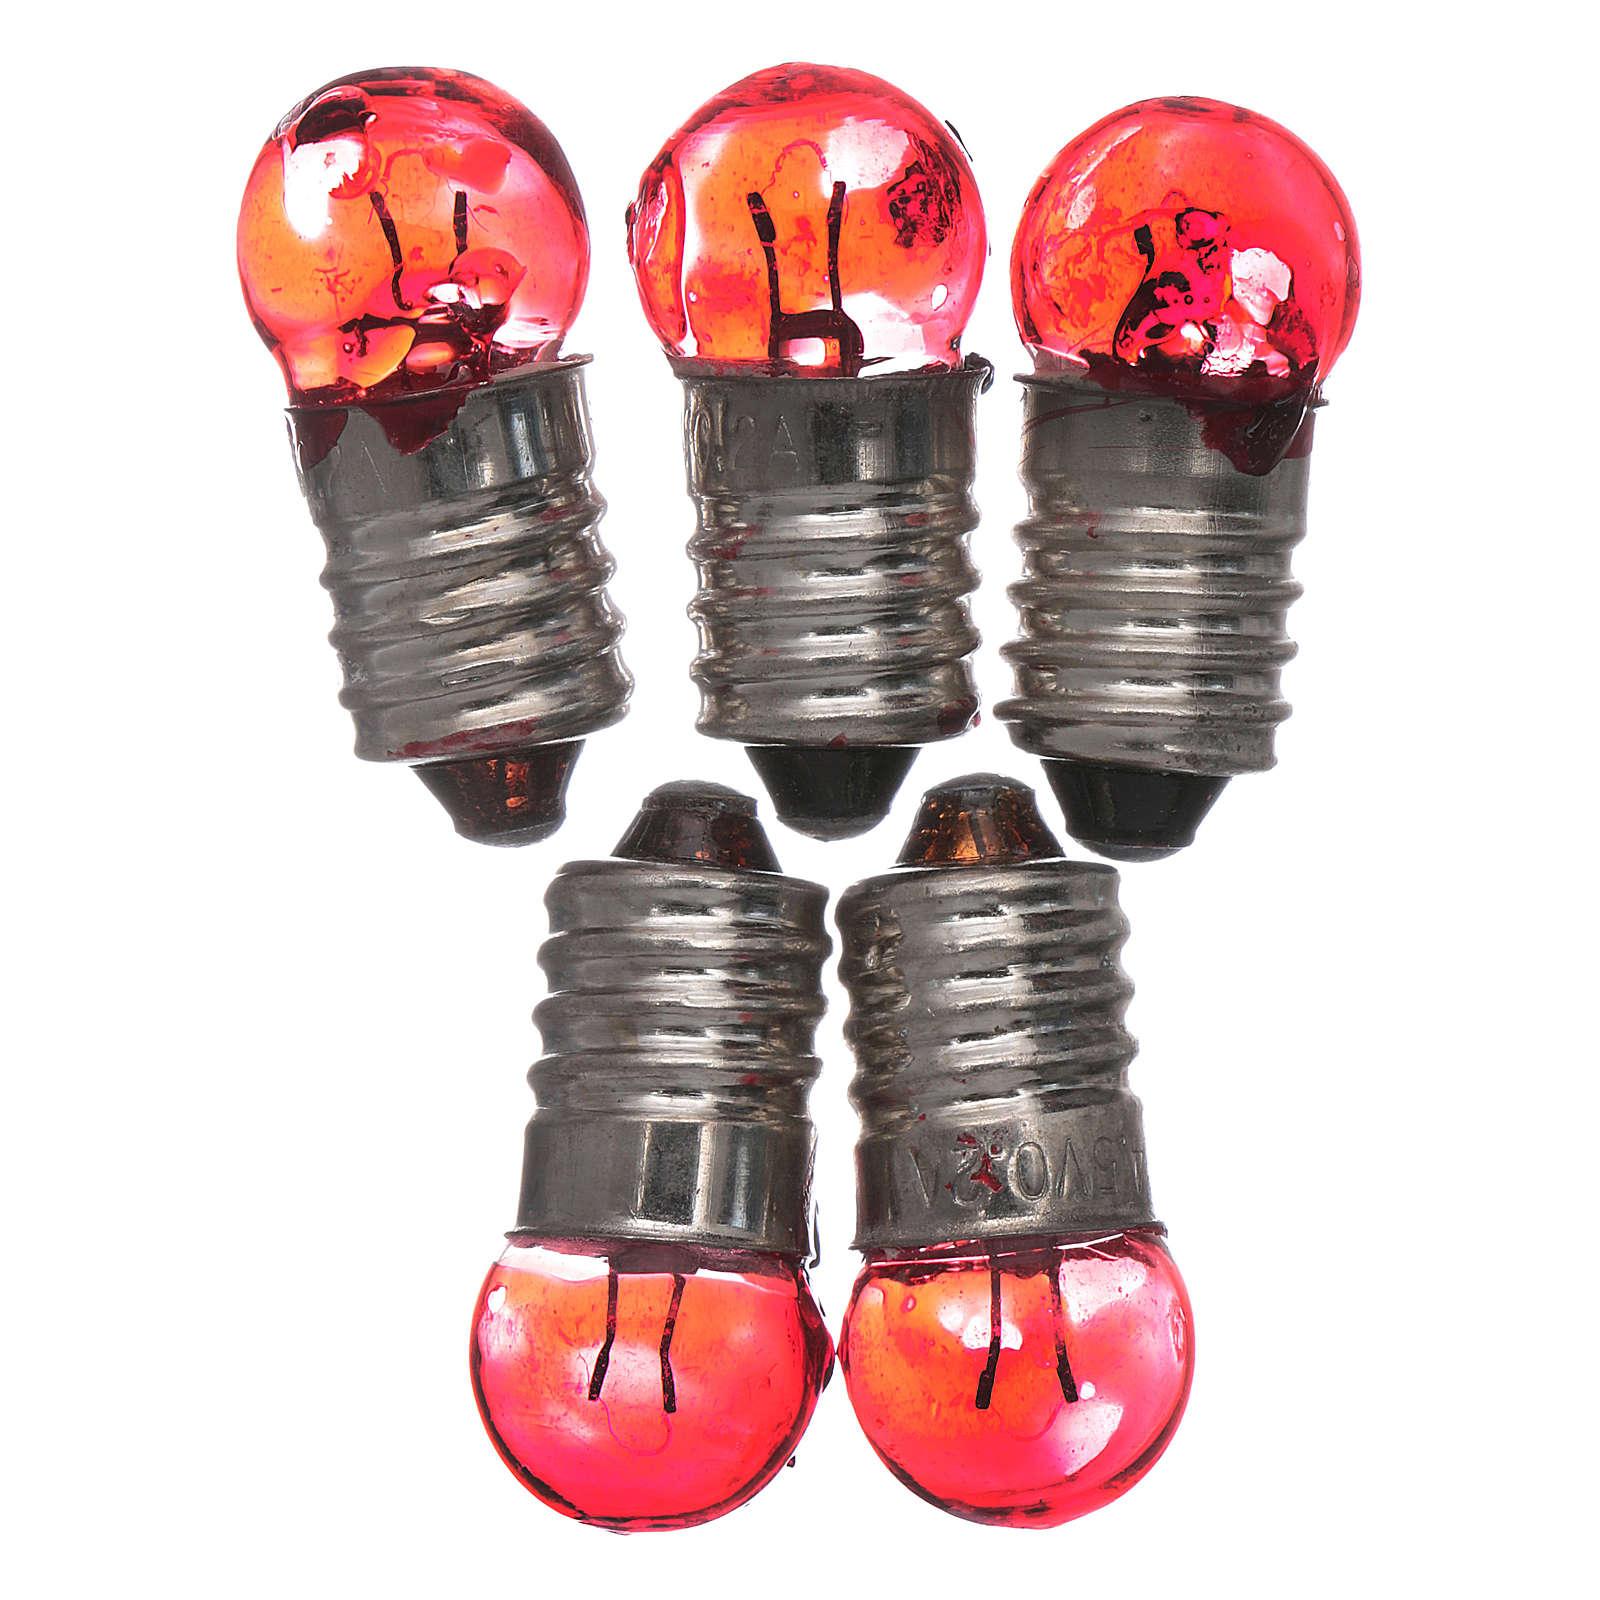 Lampadina E10 rossa 5 pz. 3,5-4,5v. 4